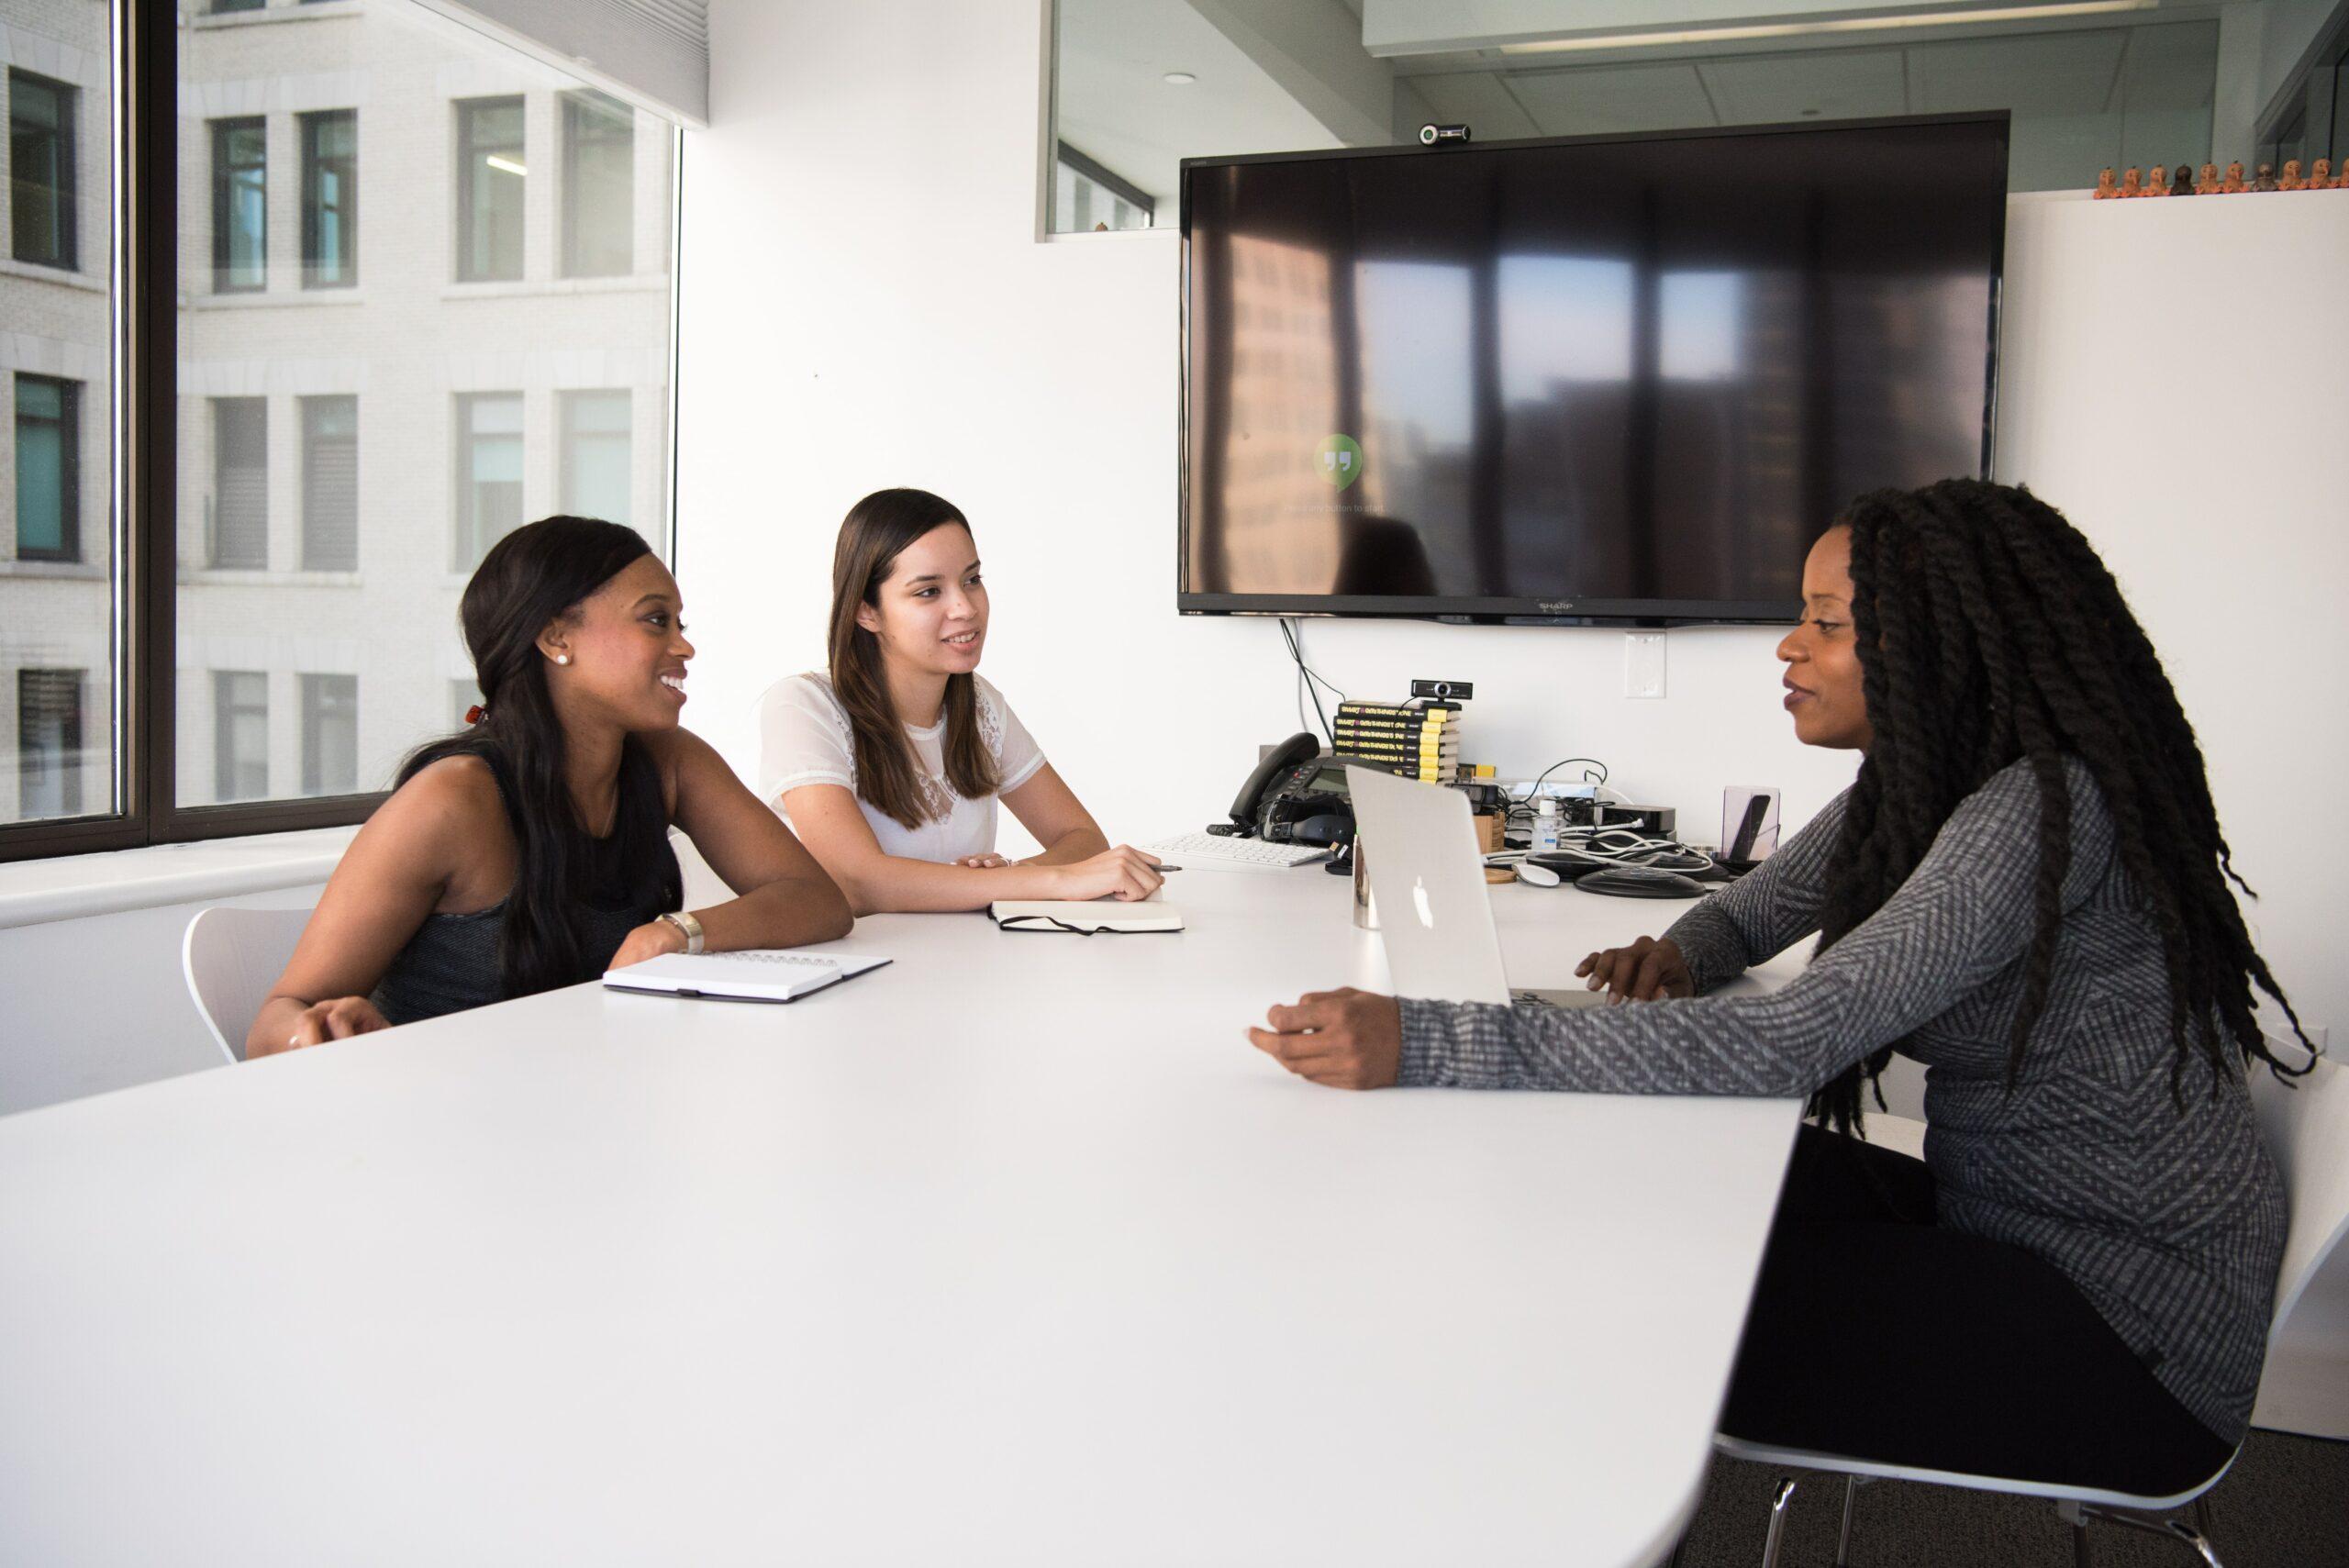 Três mulheres sentadas em torno de uma mesa em um escritório